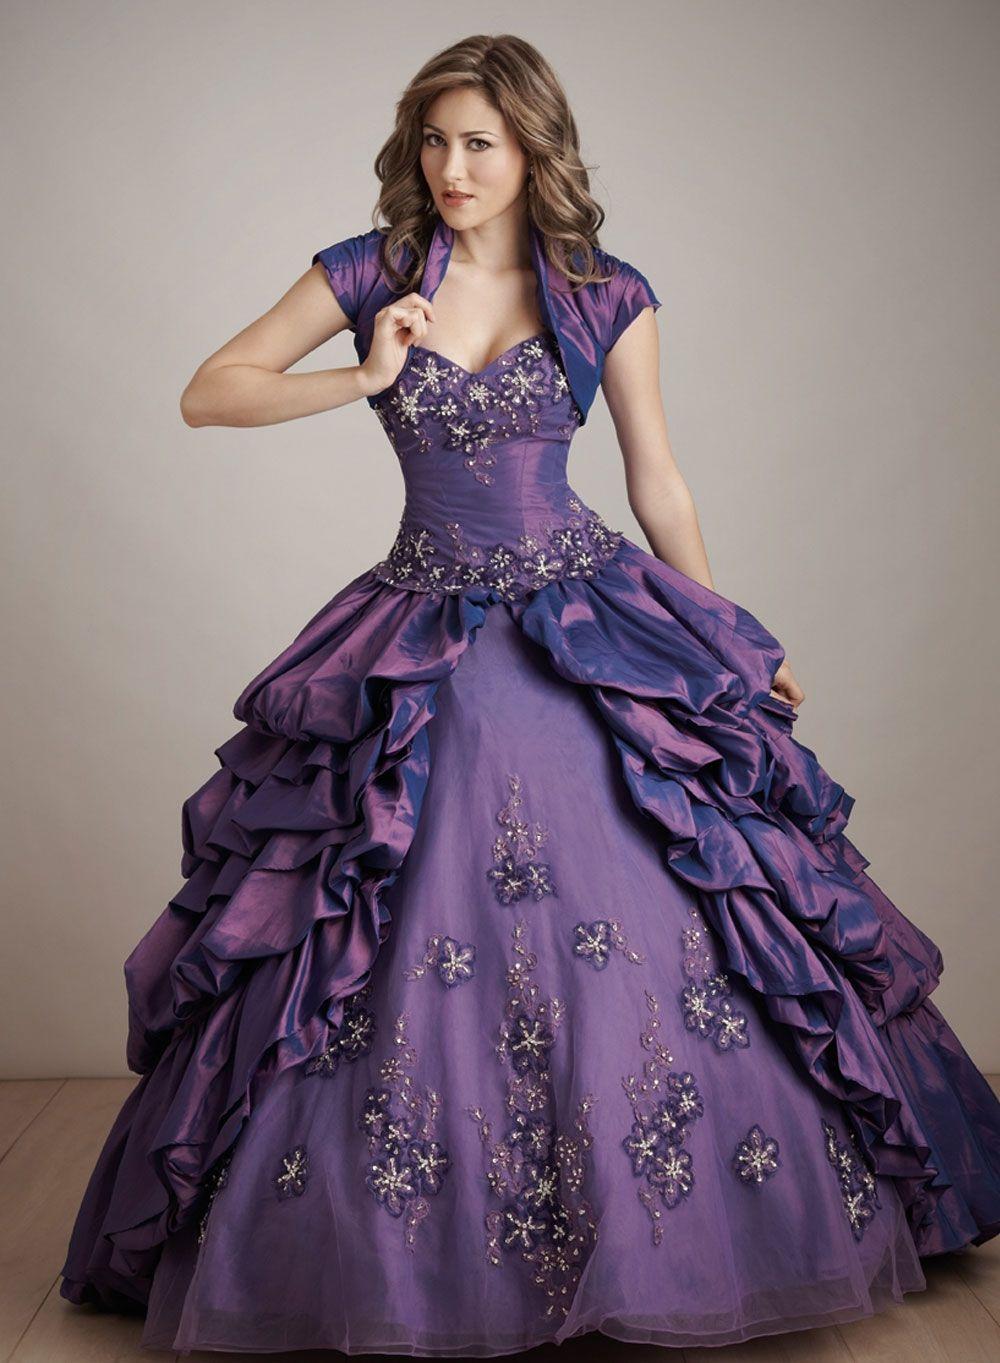 Vestidos de 15 color morado. | Mujeres, moda, diseño, belleza ...